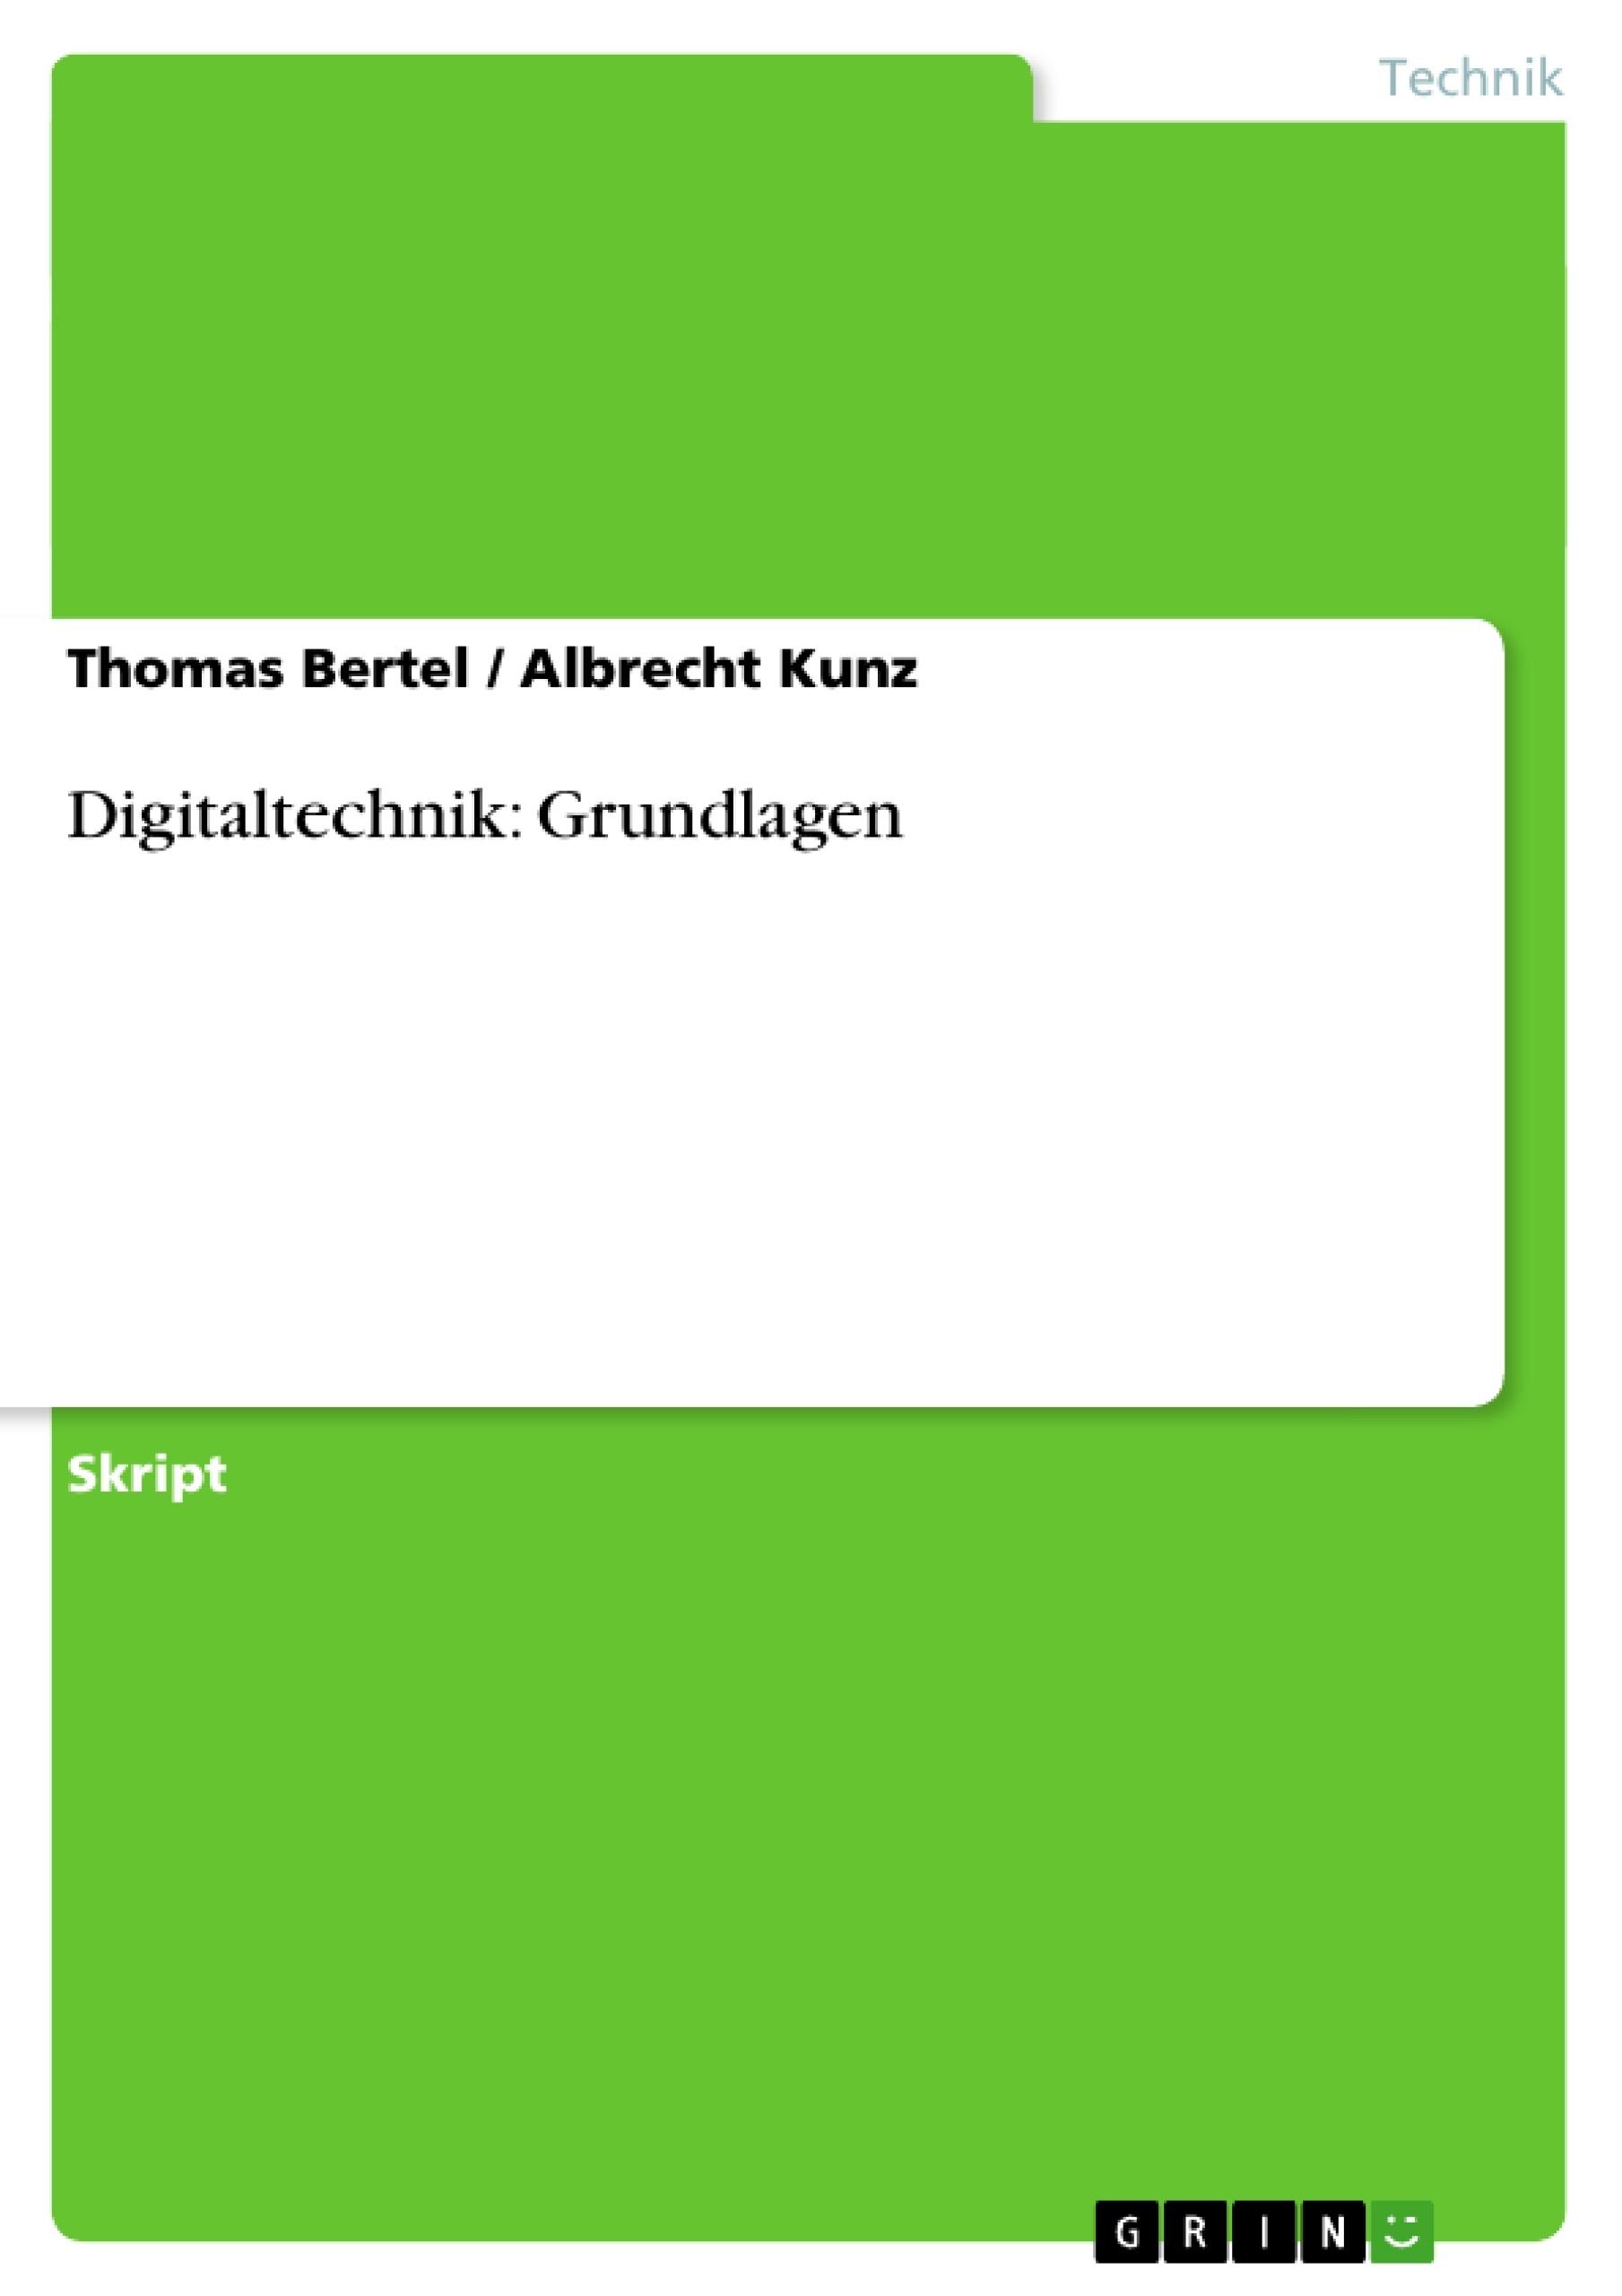 Digitaltechnik: Grundlagen | Masterarbeit, Hausarbeit ...